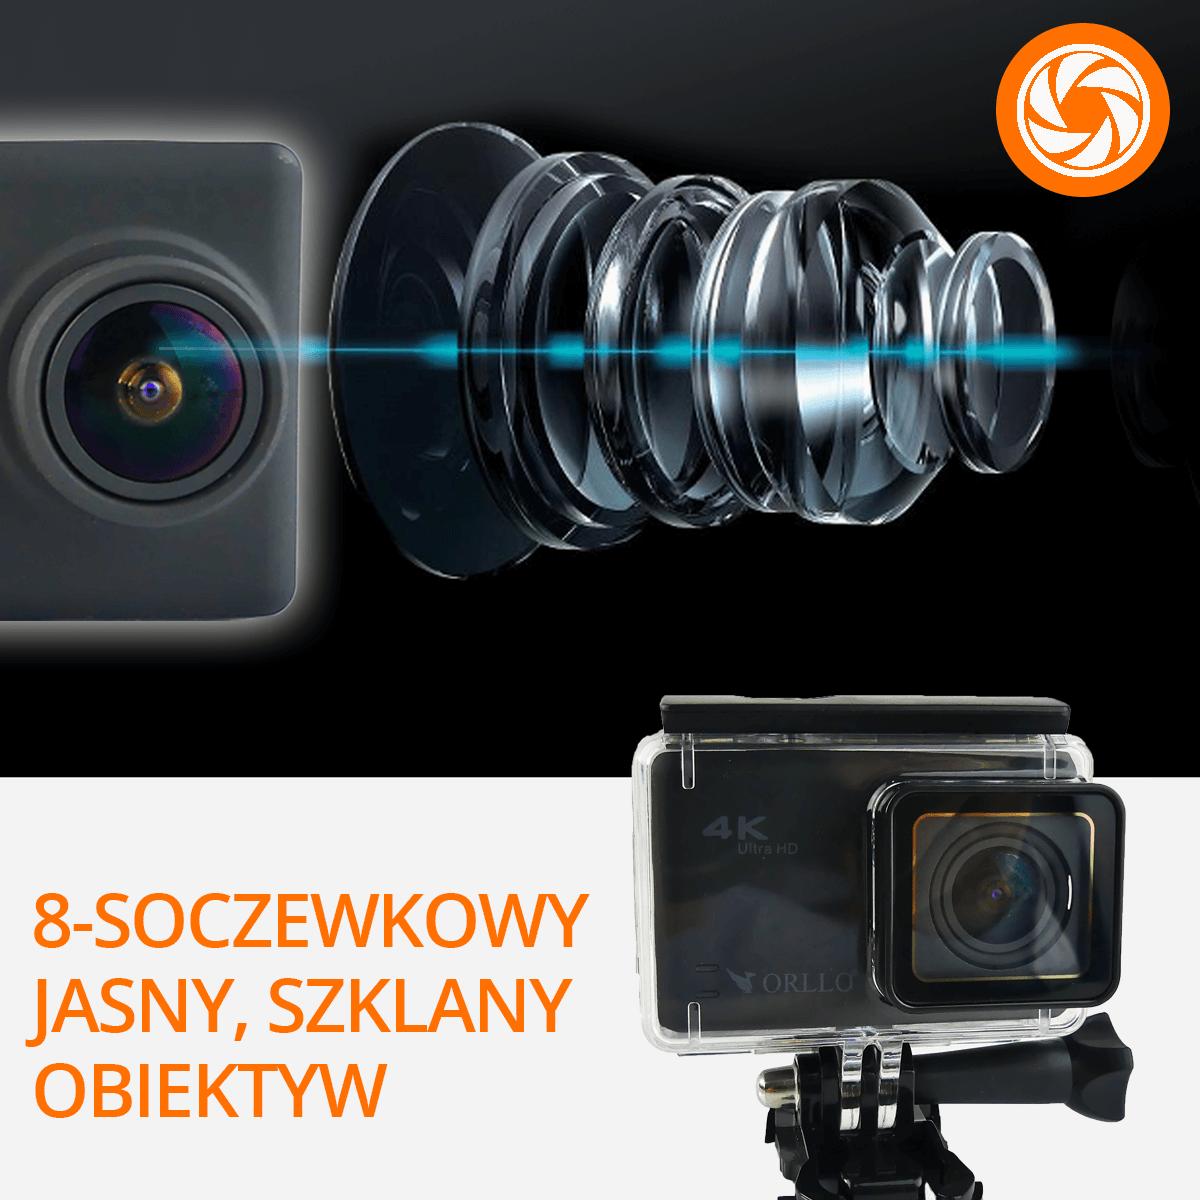 kamera-sportowa-szklany-obiektyw-orllo-pl